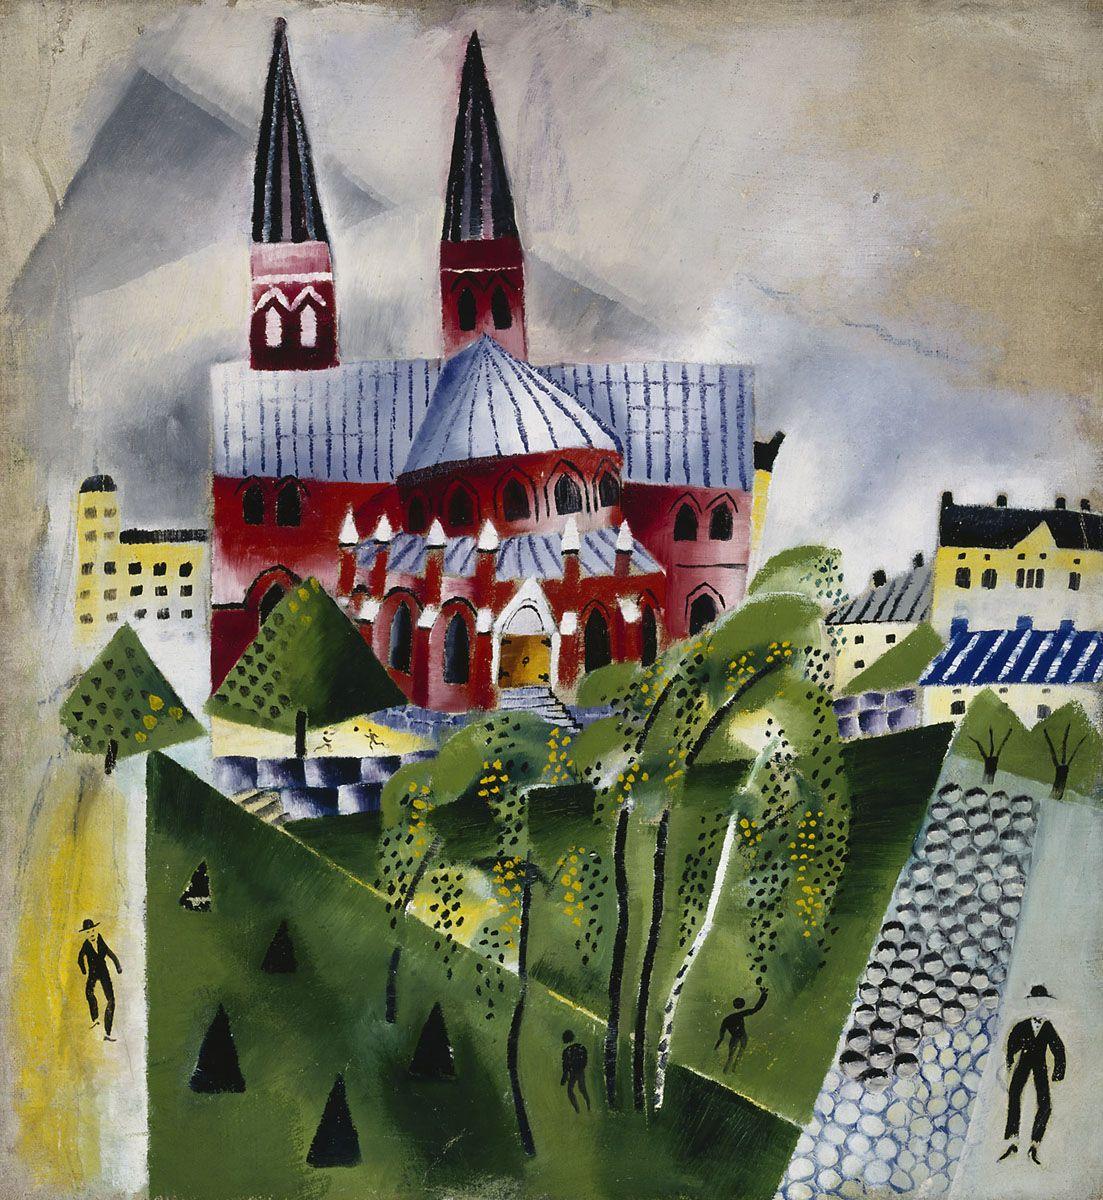 Greta Hällfors-Sipilä: Johanneksen kirkko, n. 1918. Ateneumin taidemuseo. Kuva: Kansallisgalleria / Hannu Aaltonen